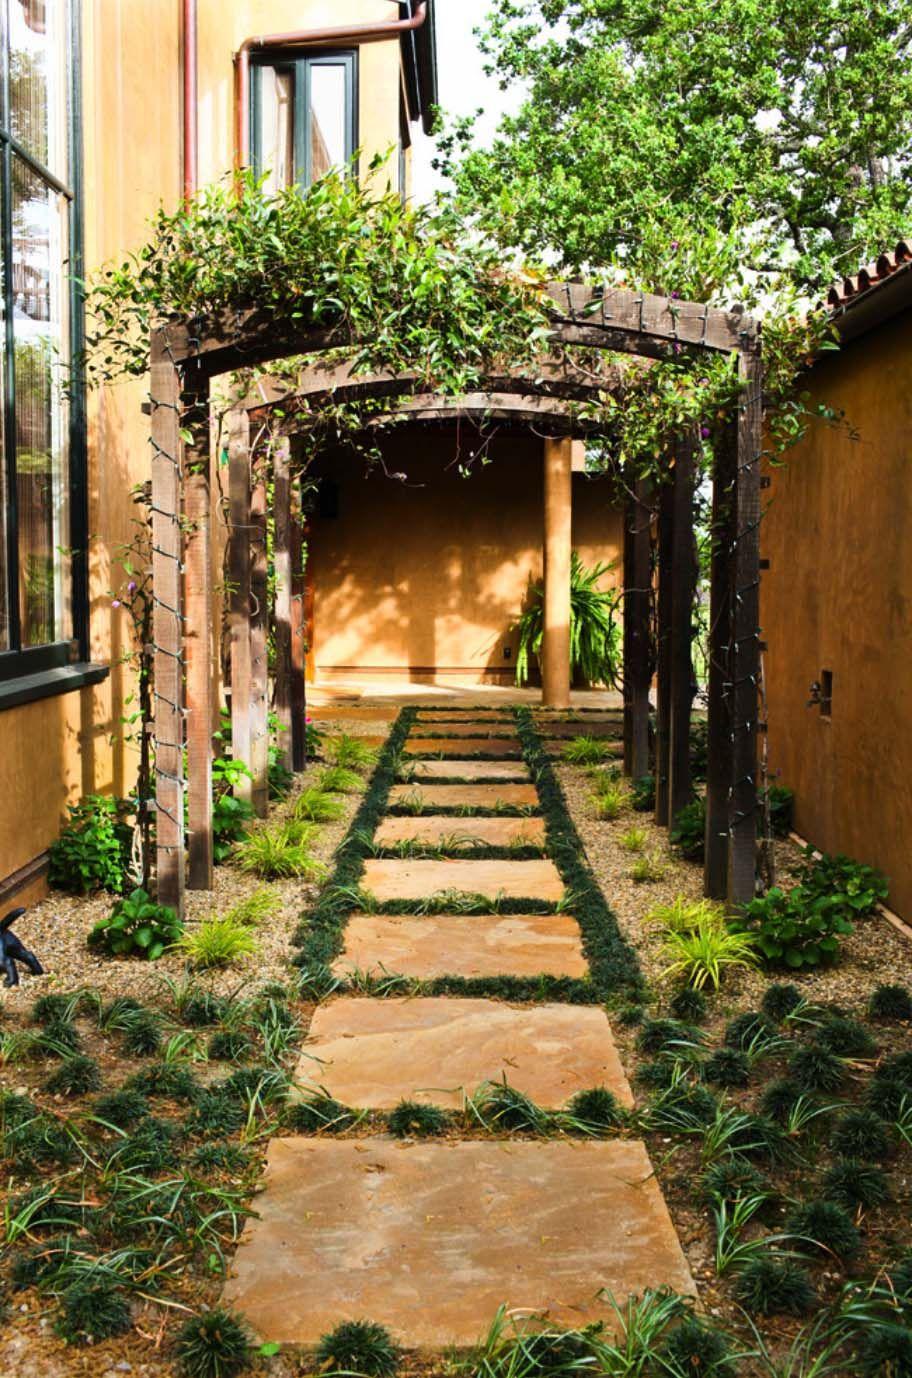 40 Brilliant ideas for stone pathways in your garden | Gardens